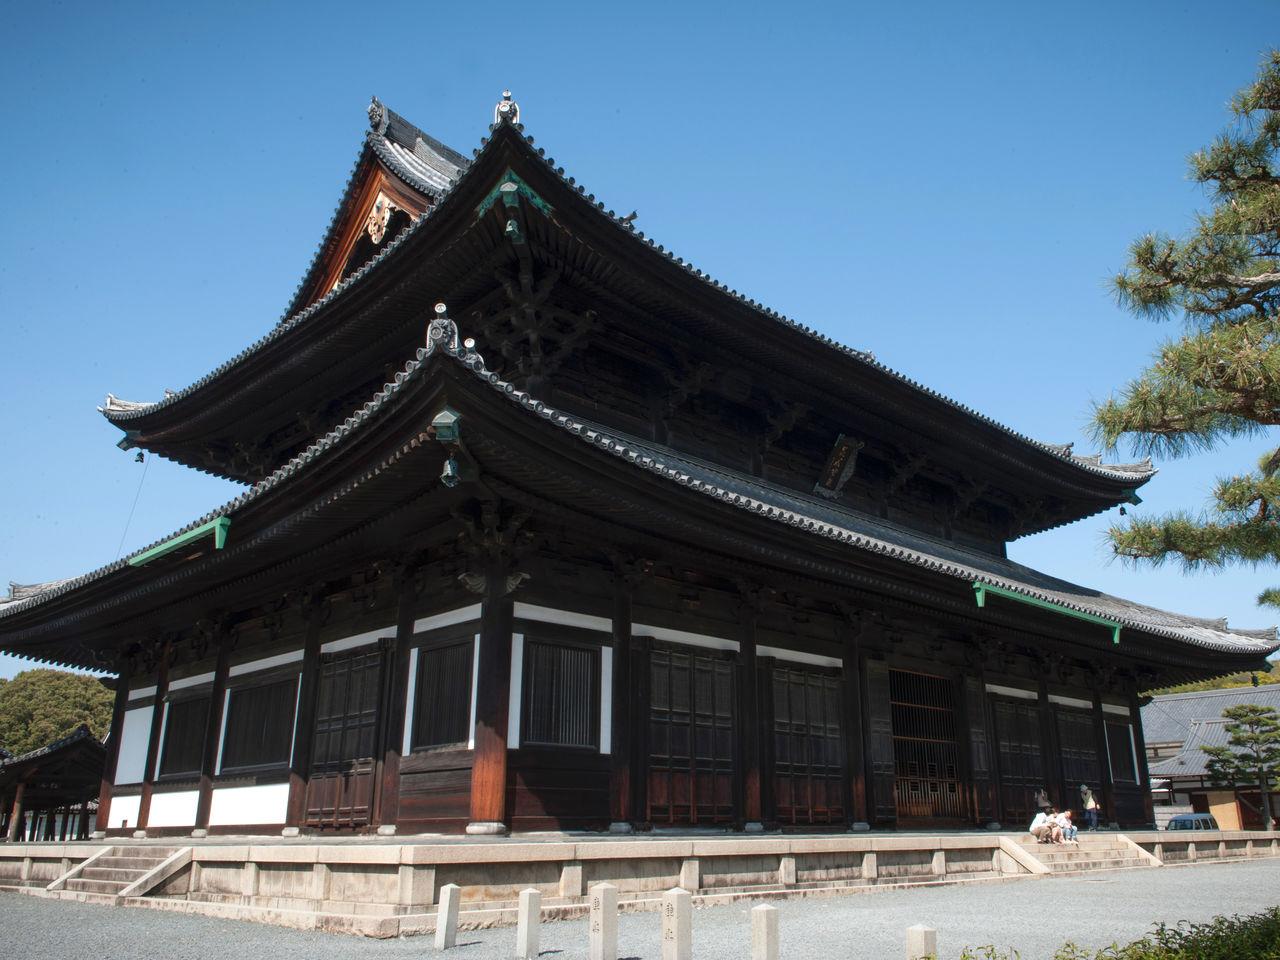 Деревянное здание главного зала (хондо) Тофукудзи с 41,4-метровым фасадом; оно было перестроено в двадцатом веке. Слева – вход на мост Цутэнкё